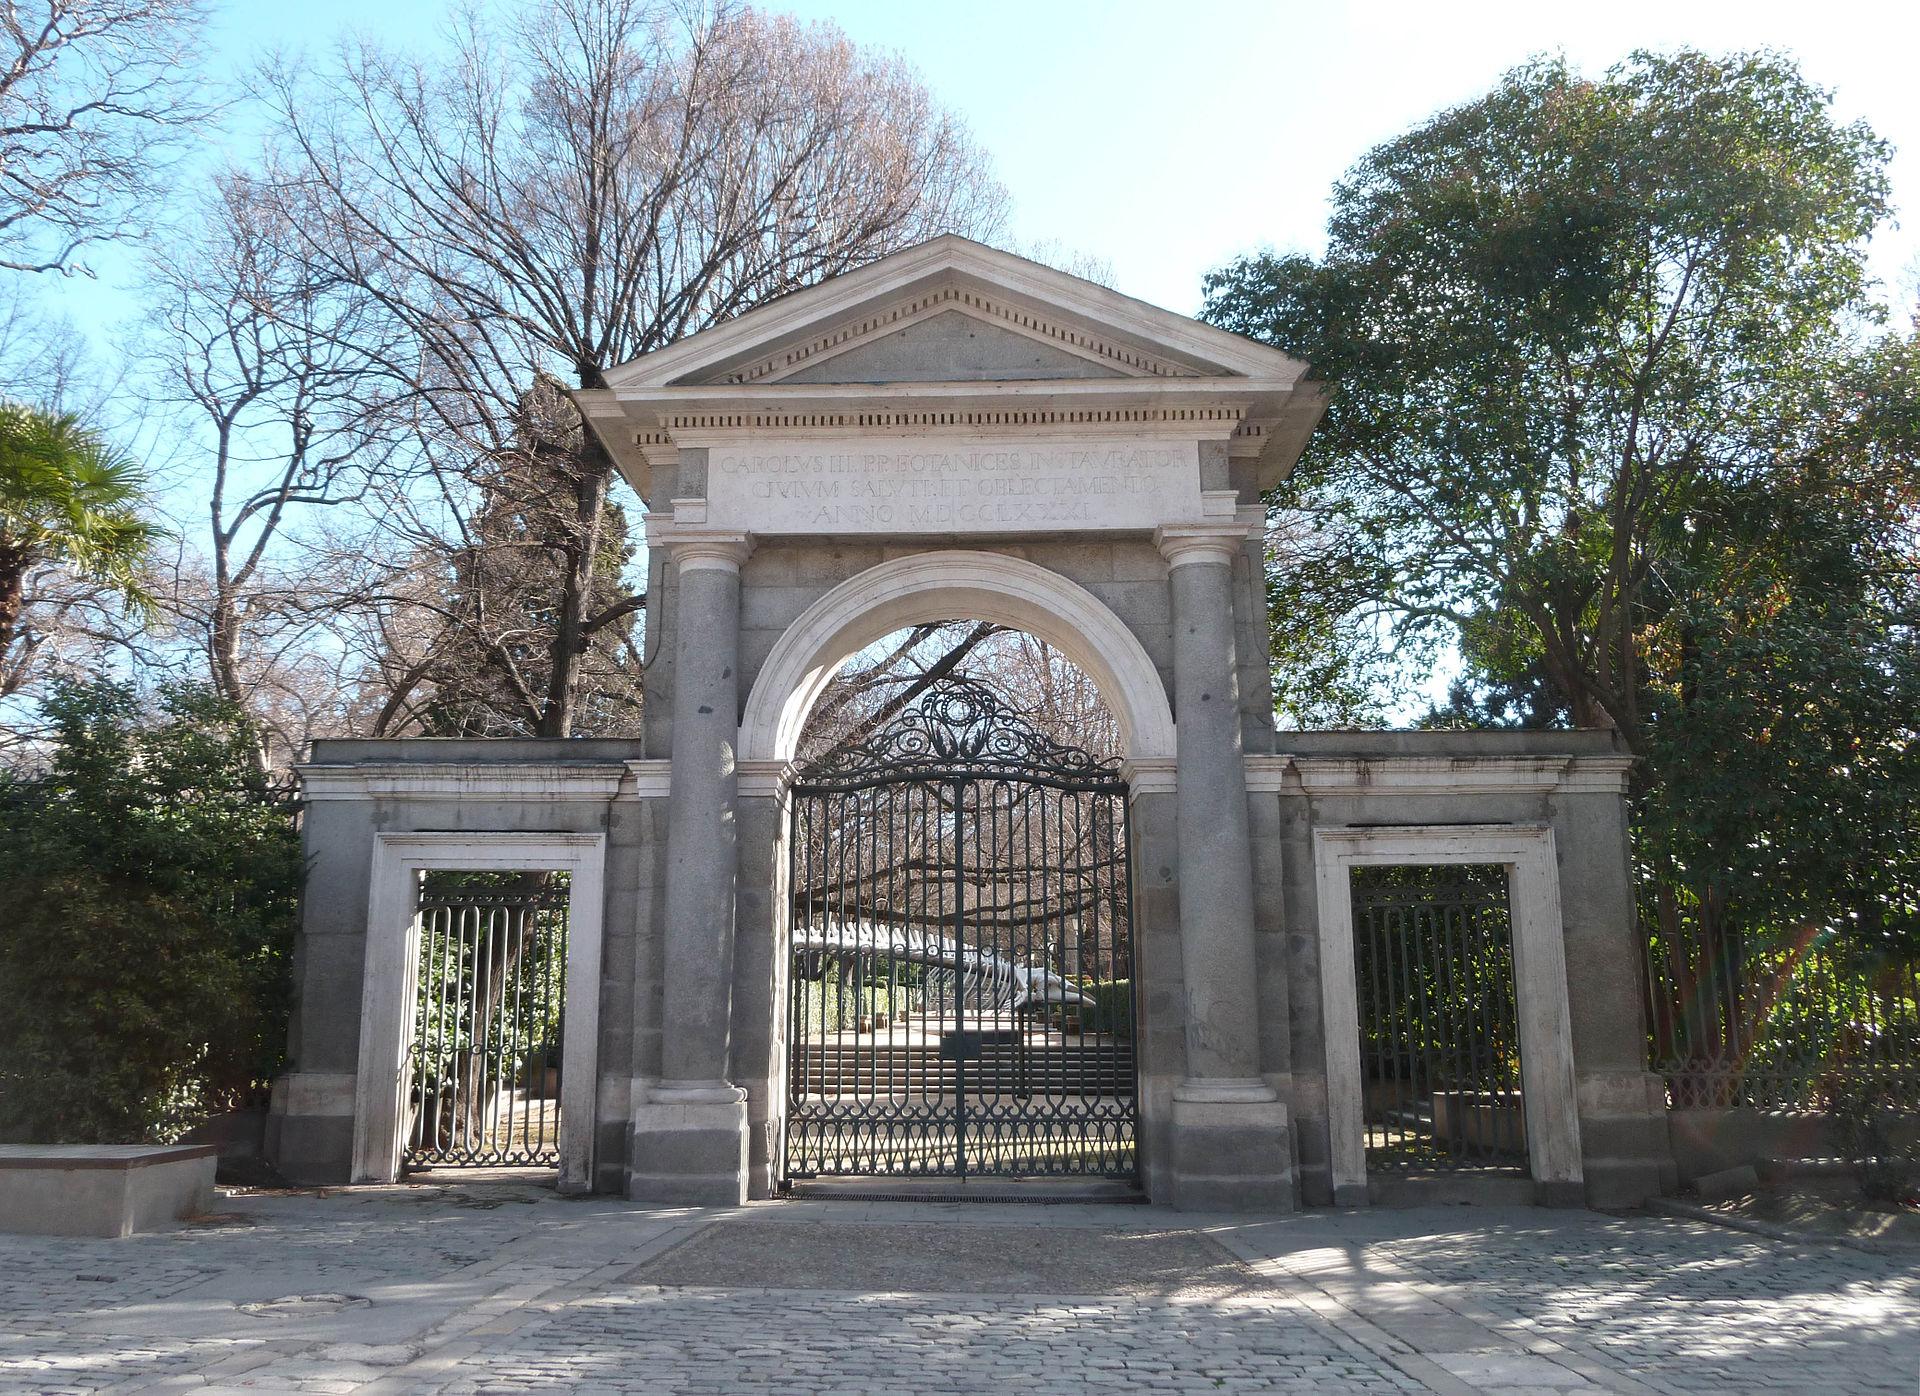 Puerta real madrid wikipedia la enciclopedia libre for Precio entrada jardin botanico madrid